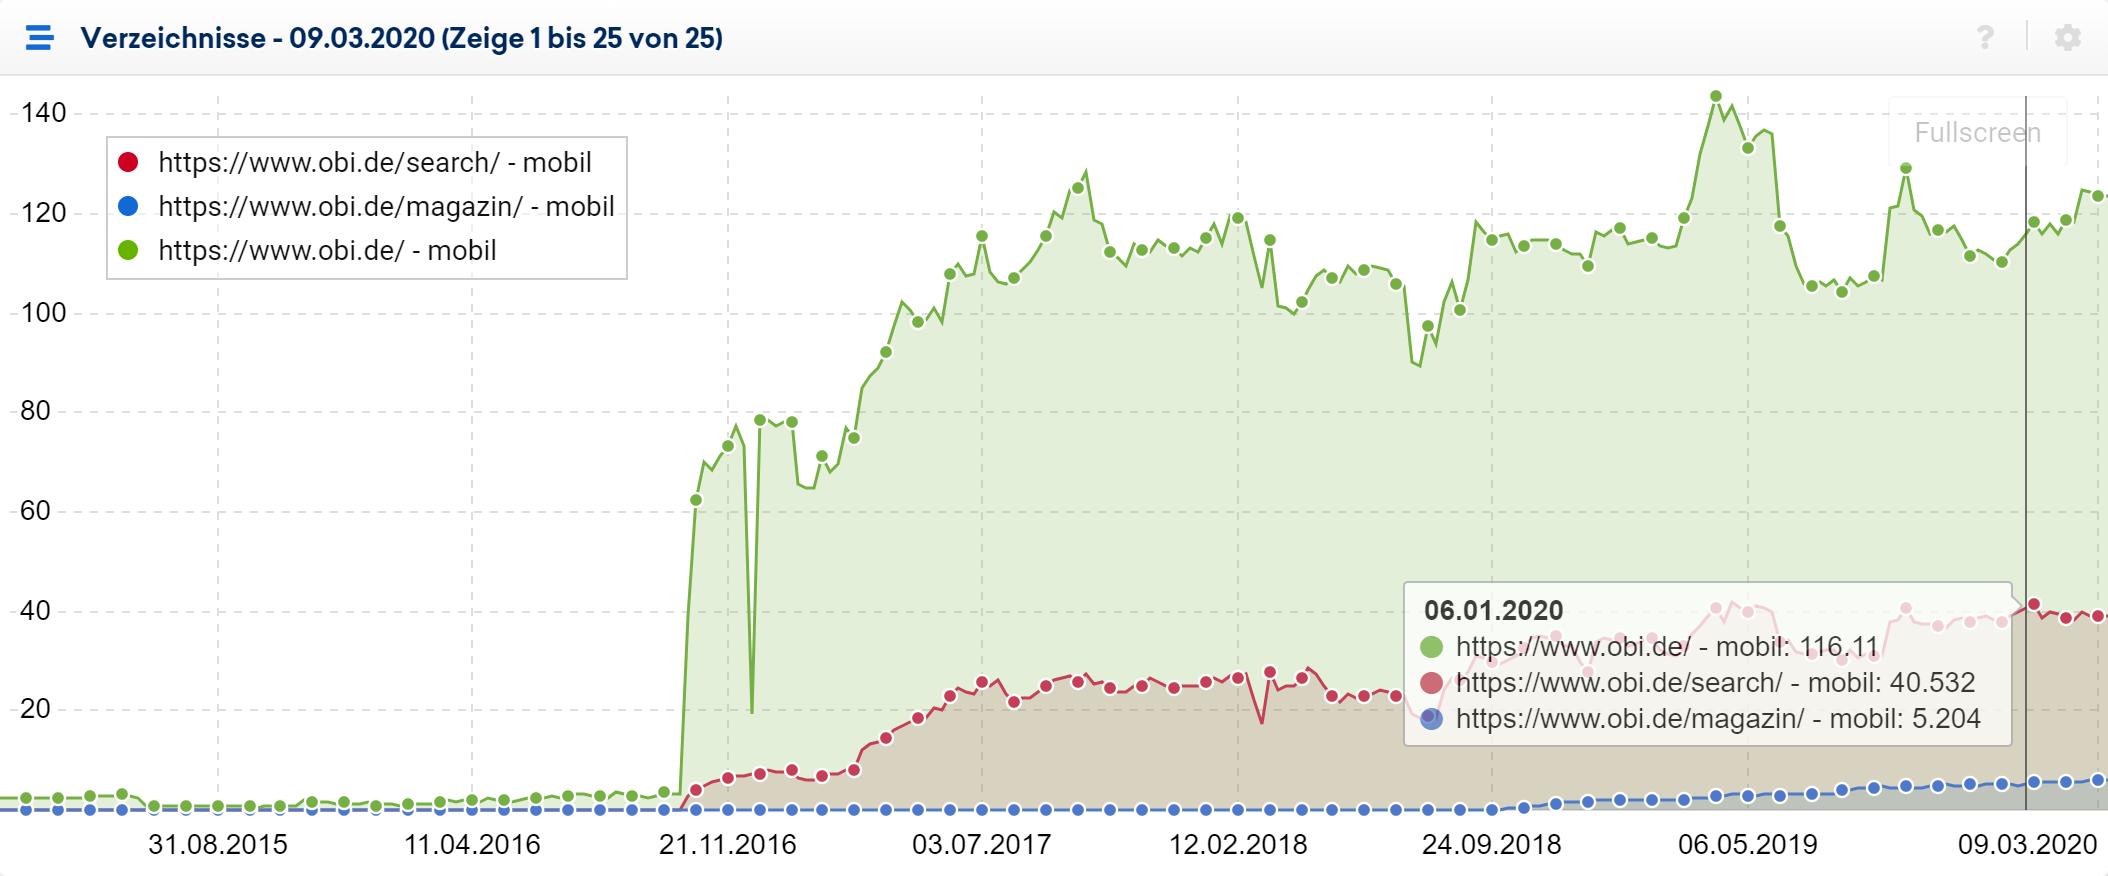 Verlaufsgrafik der drei sichtbarsten Verzeichnisse für die Domain obi.de im Unterpunkt Verzeichnisse der SISTRIX Toolbox. Die Maus wurde über den 06.01.2020 gefahren und dort sind die Sichtbarkeitswerte für die, im Verlauf angezeigten, Verzeichnisse aufgeführt.